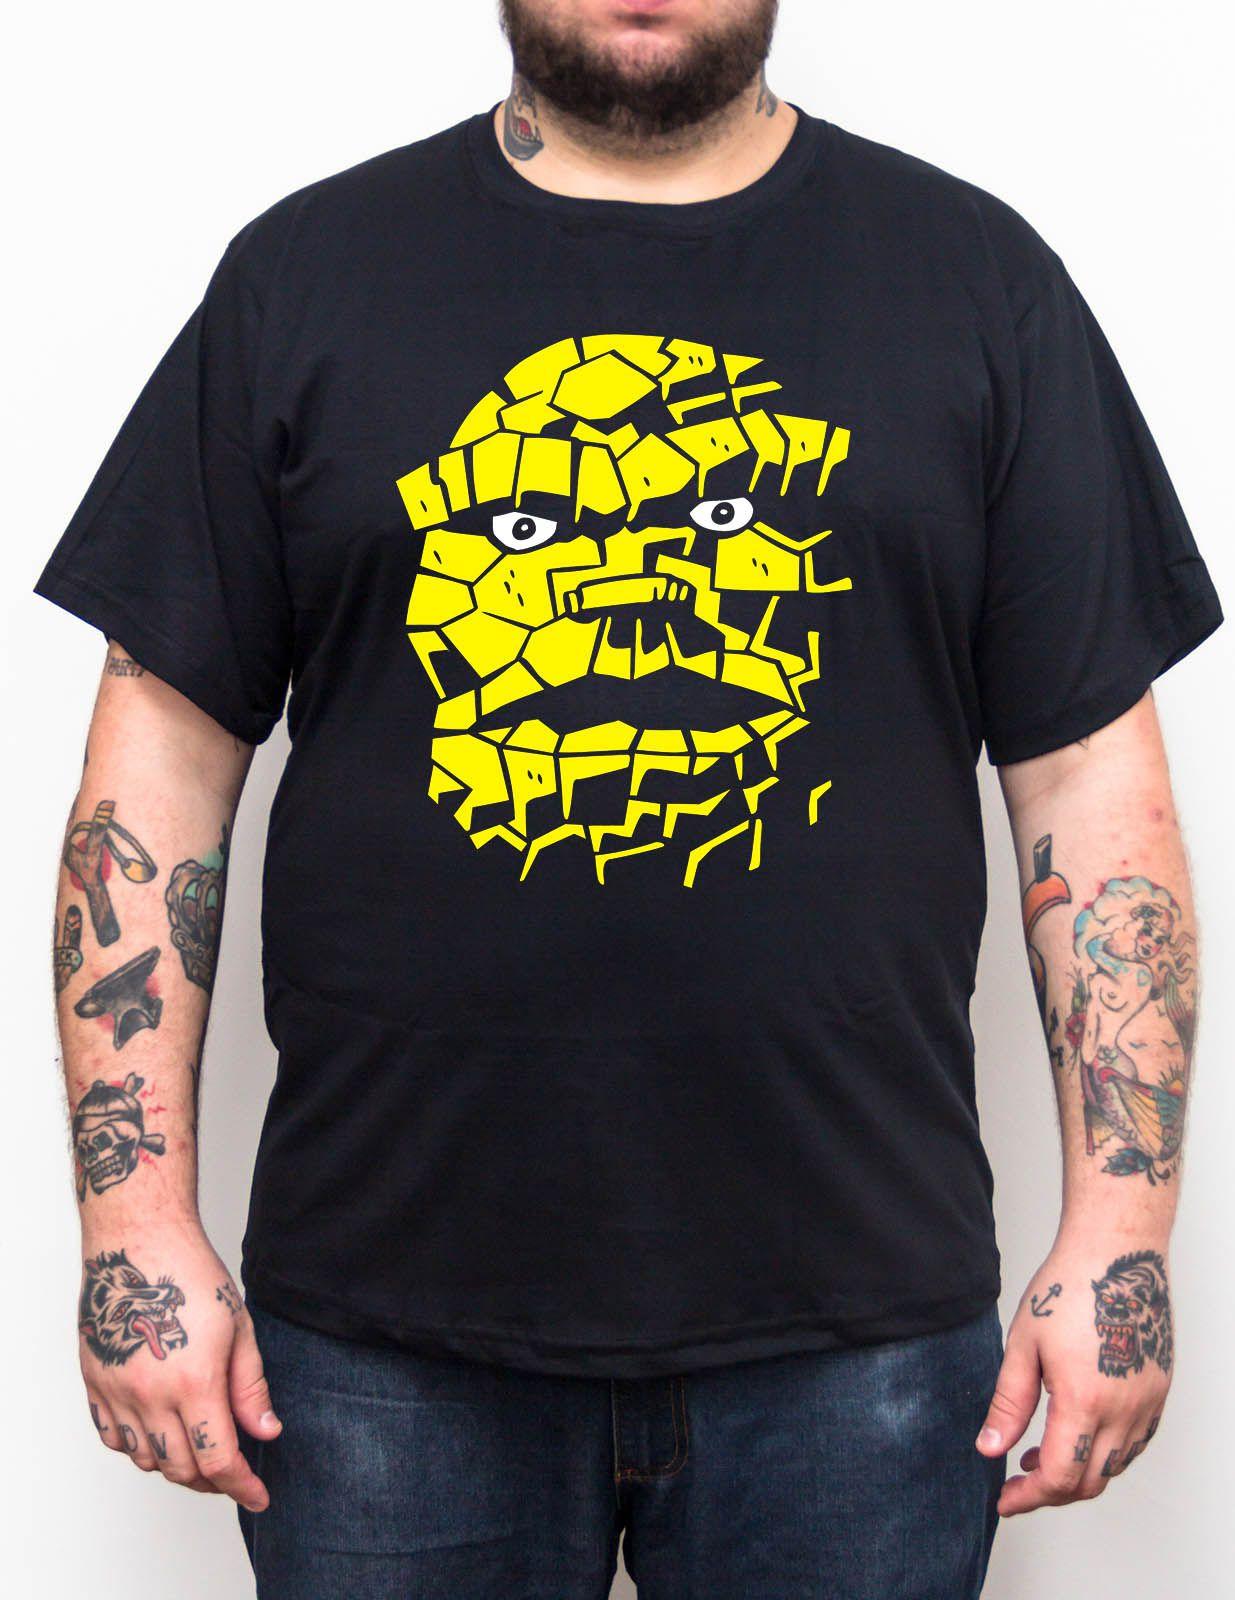 Camiseta Coisa - Plus Size - Tamanho XG  - HShop